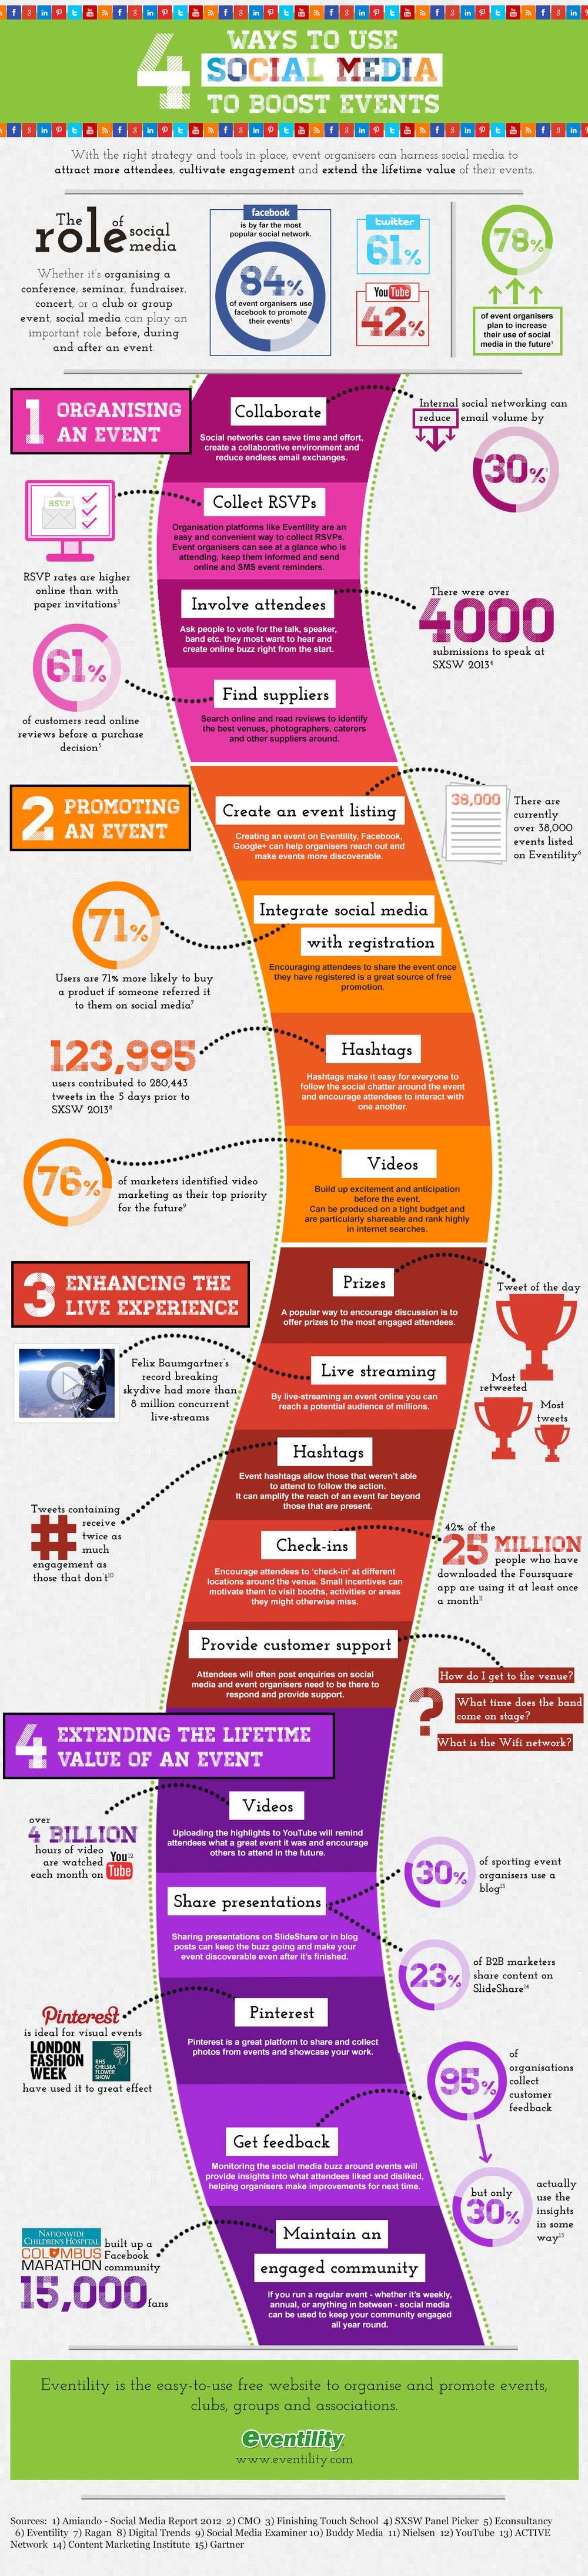 KSD_SocialMedia_Infographic